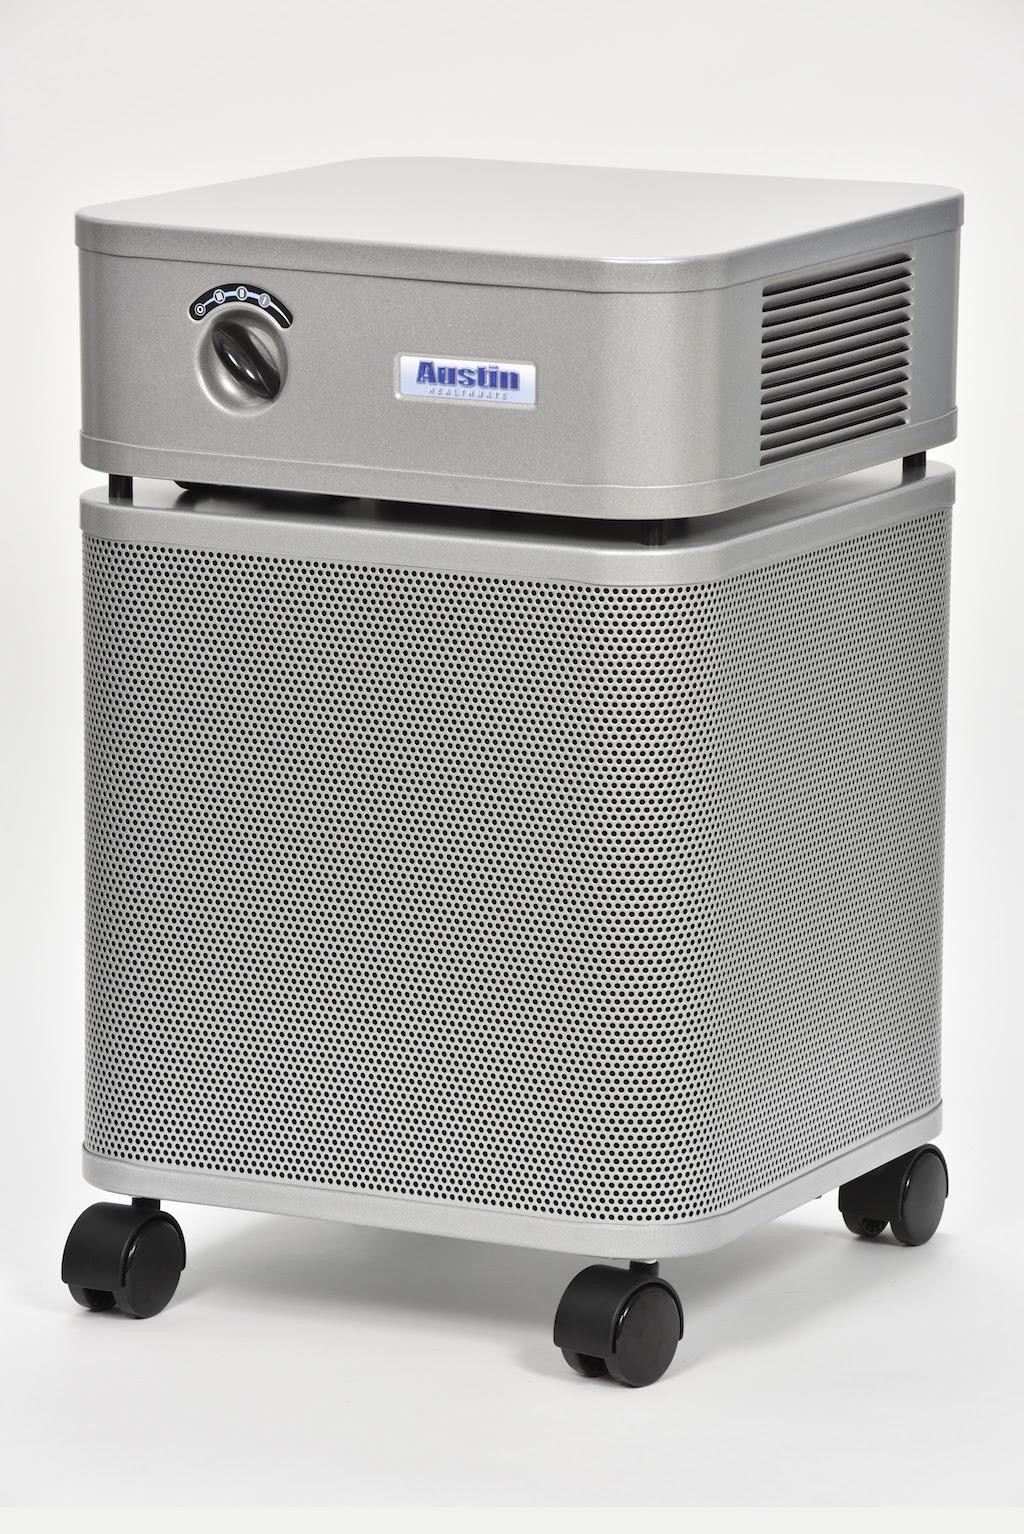 Austin Air Healthmate - Air Purifier Specialist